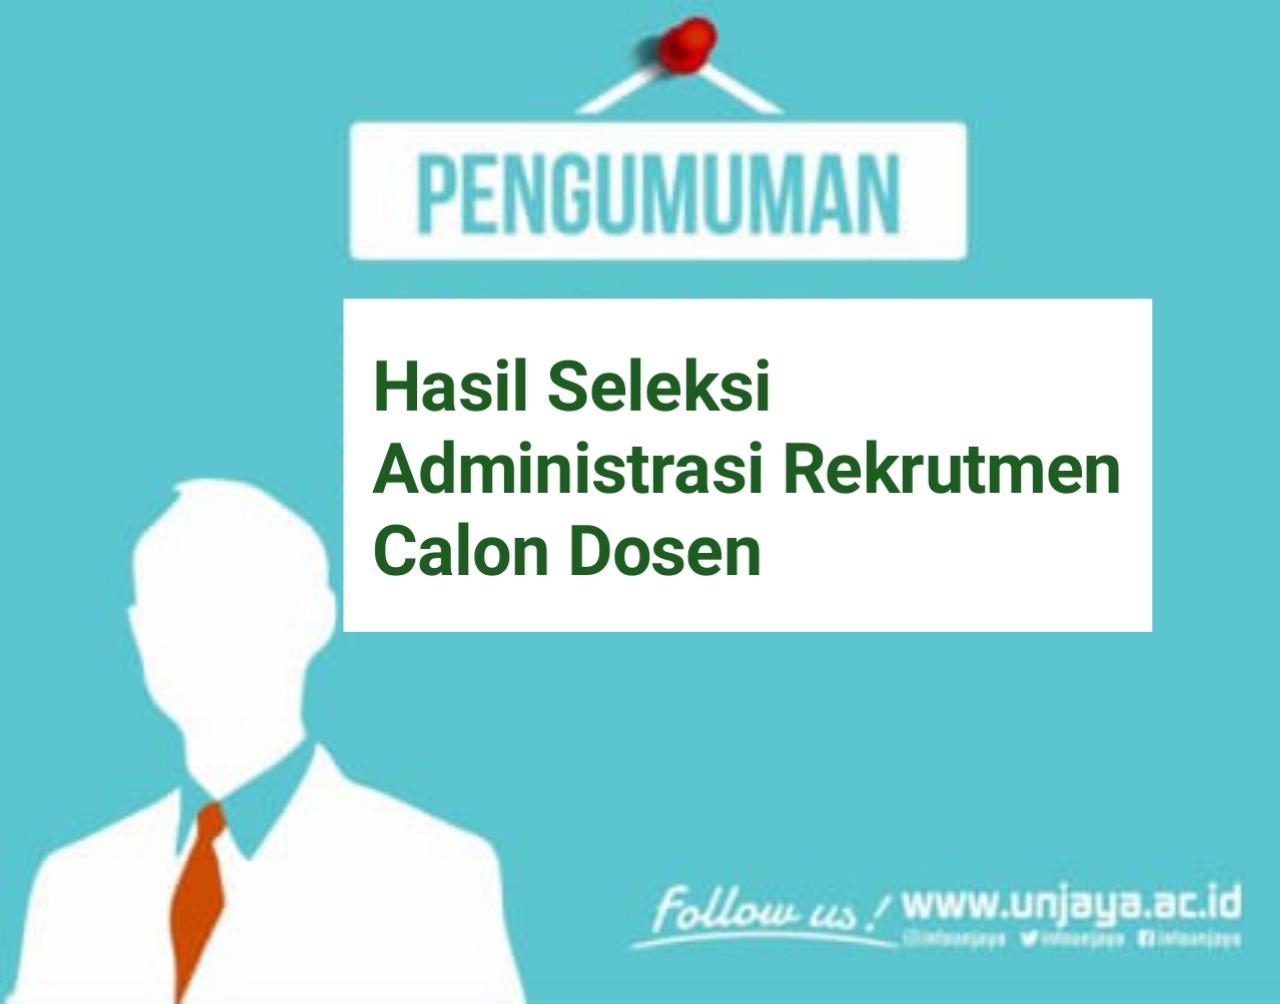 Pengumuman Hasil Seleksi Administrasi Penerimaan Pegawai Tenaga Pendidik (Dosen) Universitas Jenderal Achmad Yani Yogyakarta